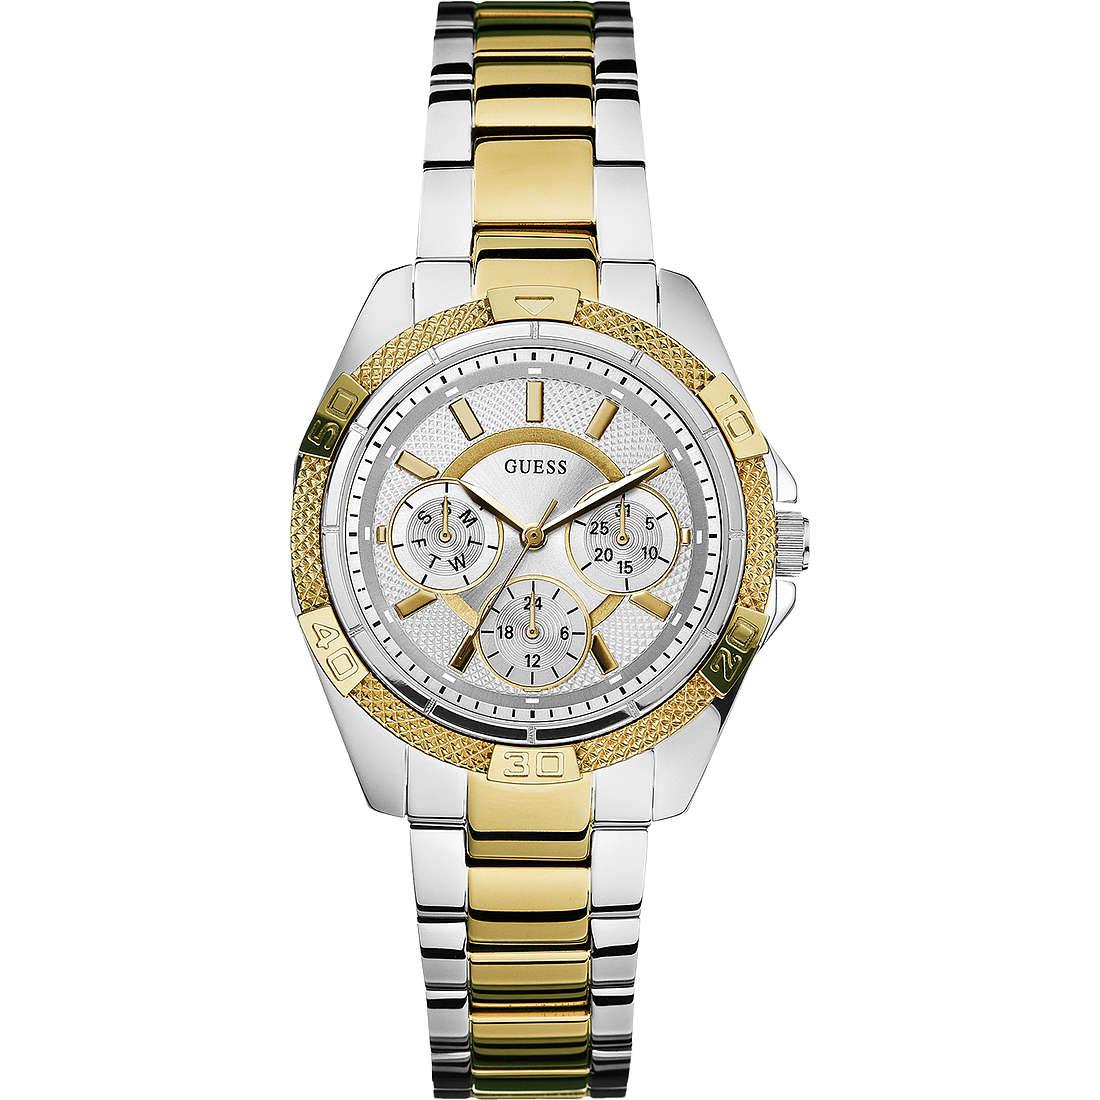 orologio multifunzione donna Guess Settembre 2013 W0235L2